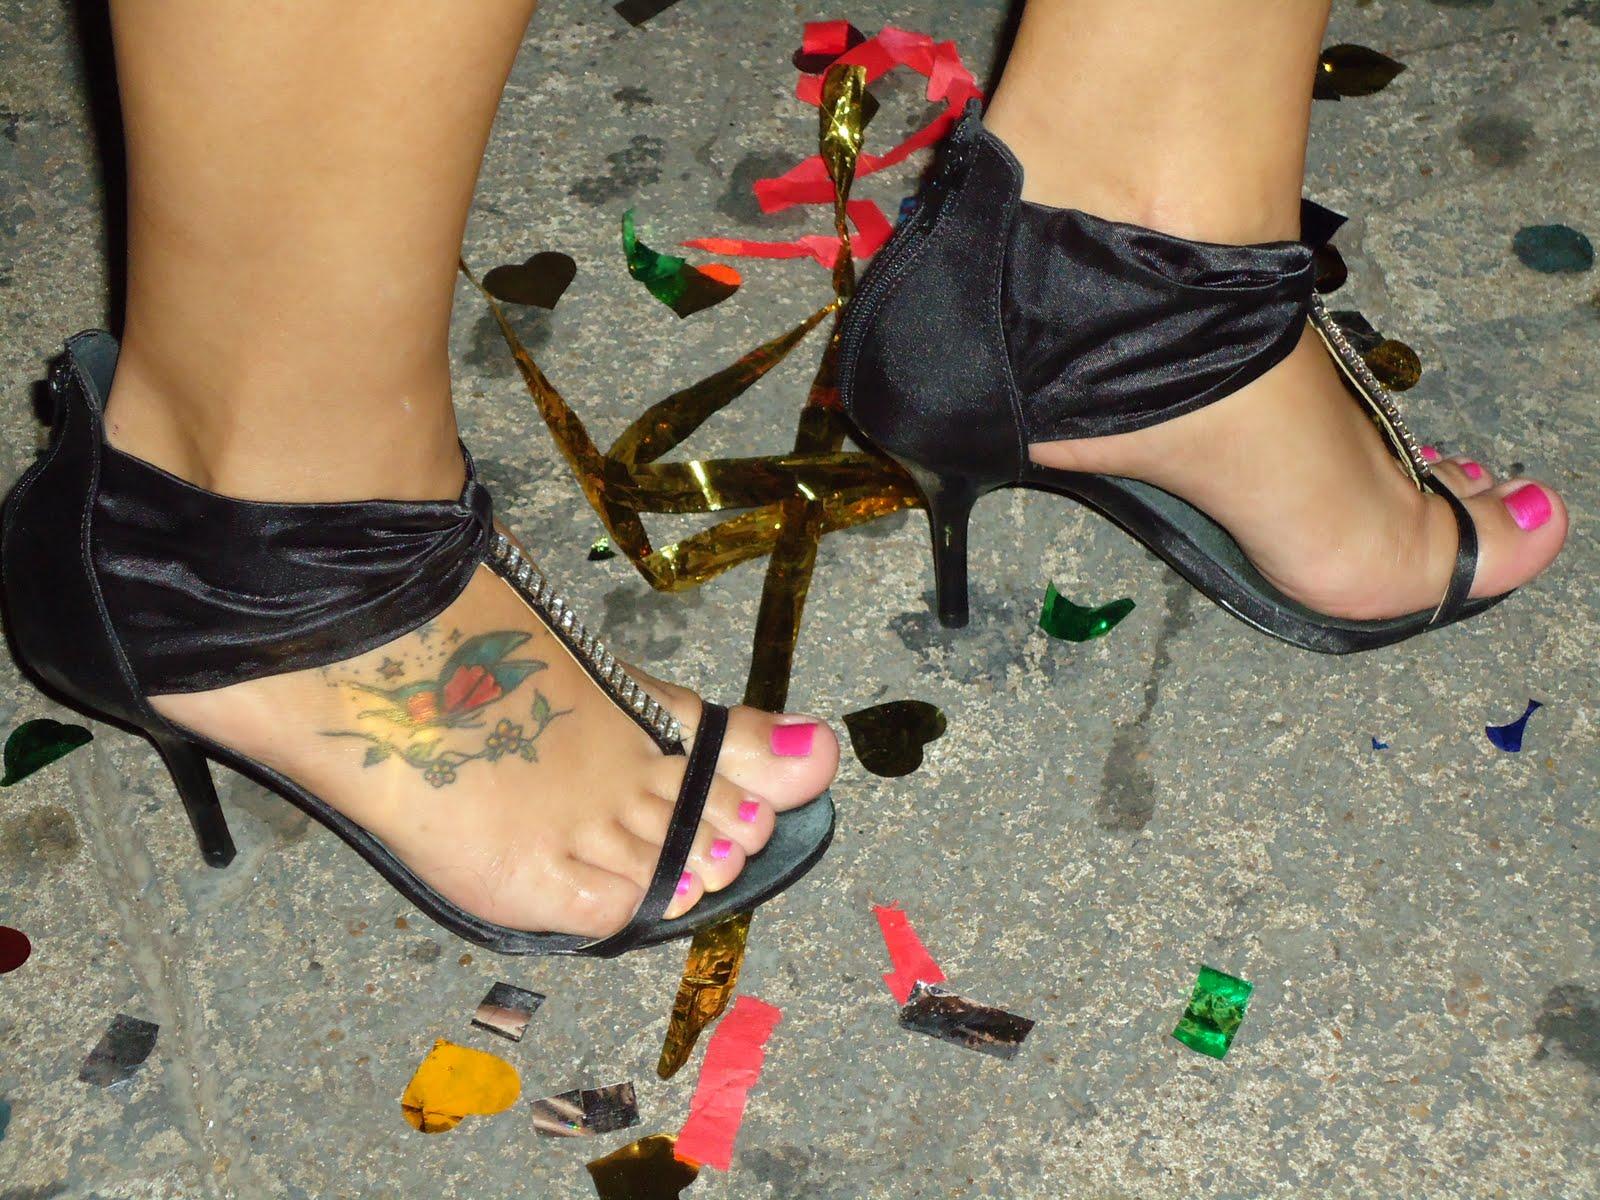 http://1.bp.blogspot.com/_7FmL3ktJnks/TR-b6-EMipI/AAAAAAAAAIw/VGBrIM3tkeY/s1600/Cristiane.JPG